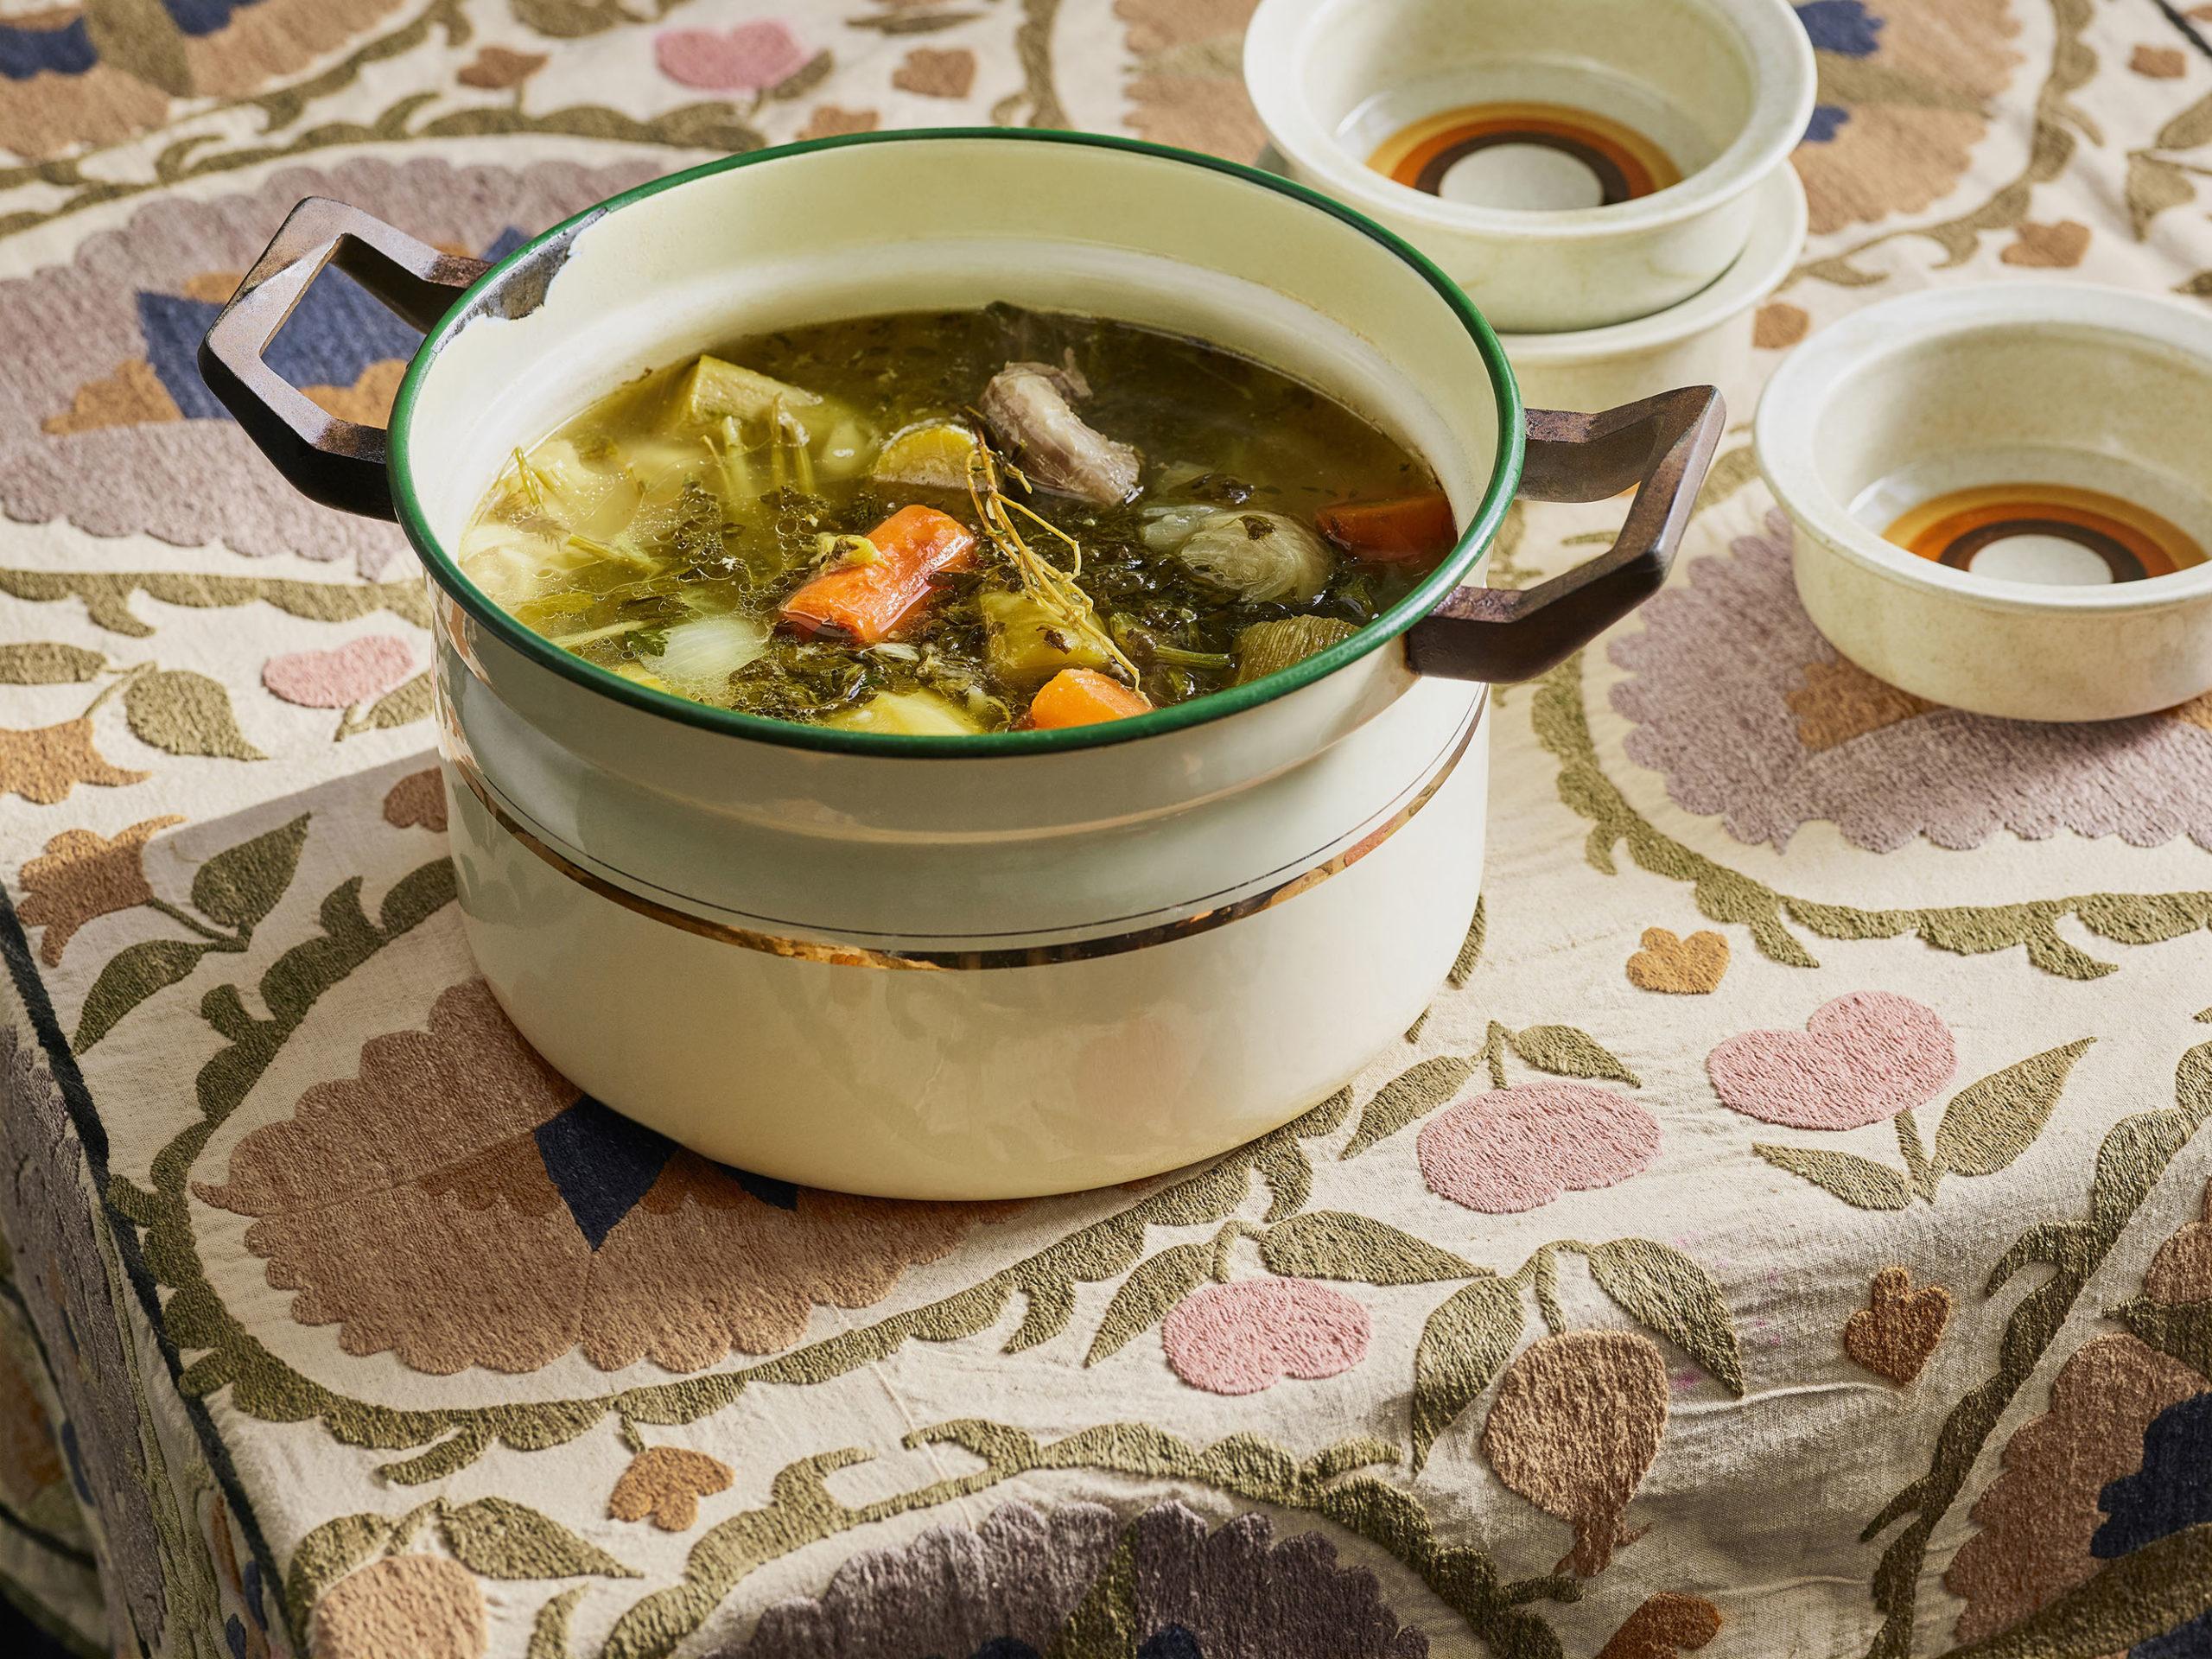 Nechama Rivlin's chicken soup in a cream colored crock pot